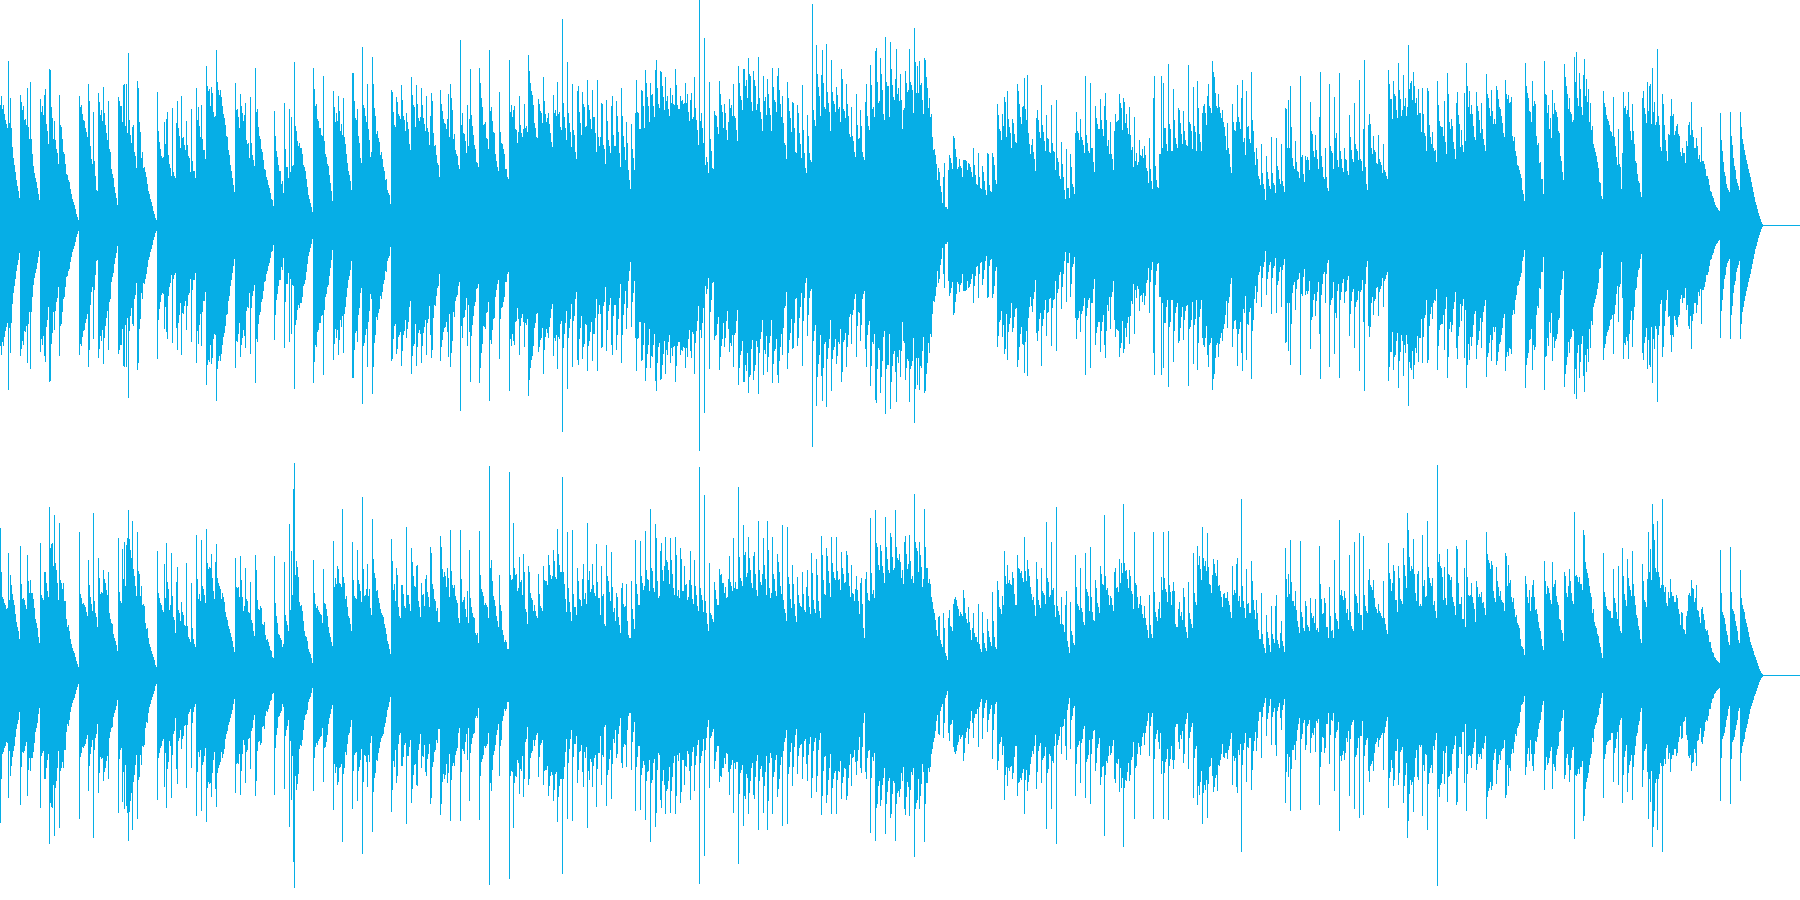 カルメン アルカラの竜騎兵(オルゴール)の再生済みの波形